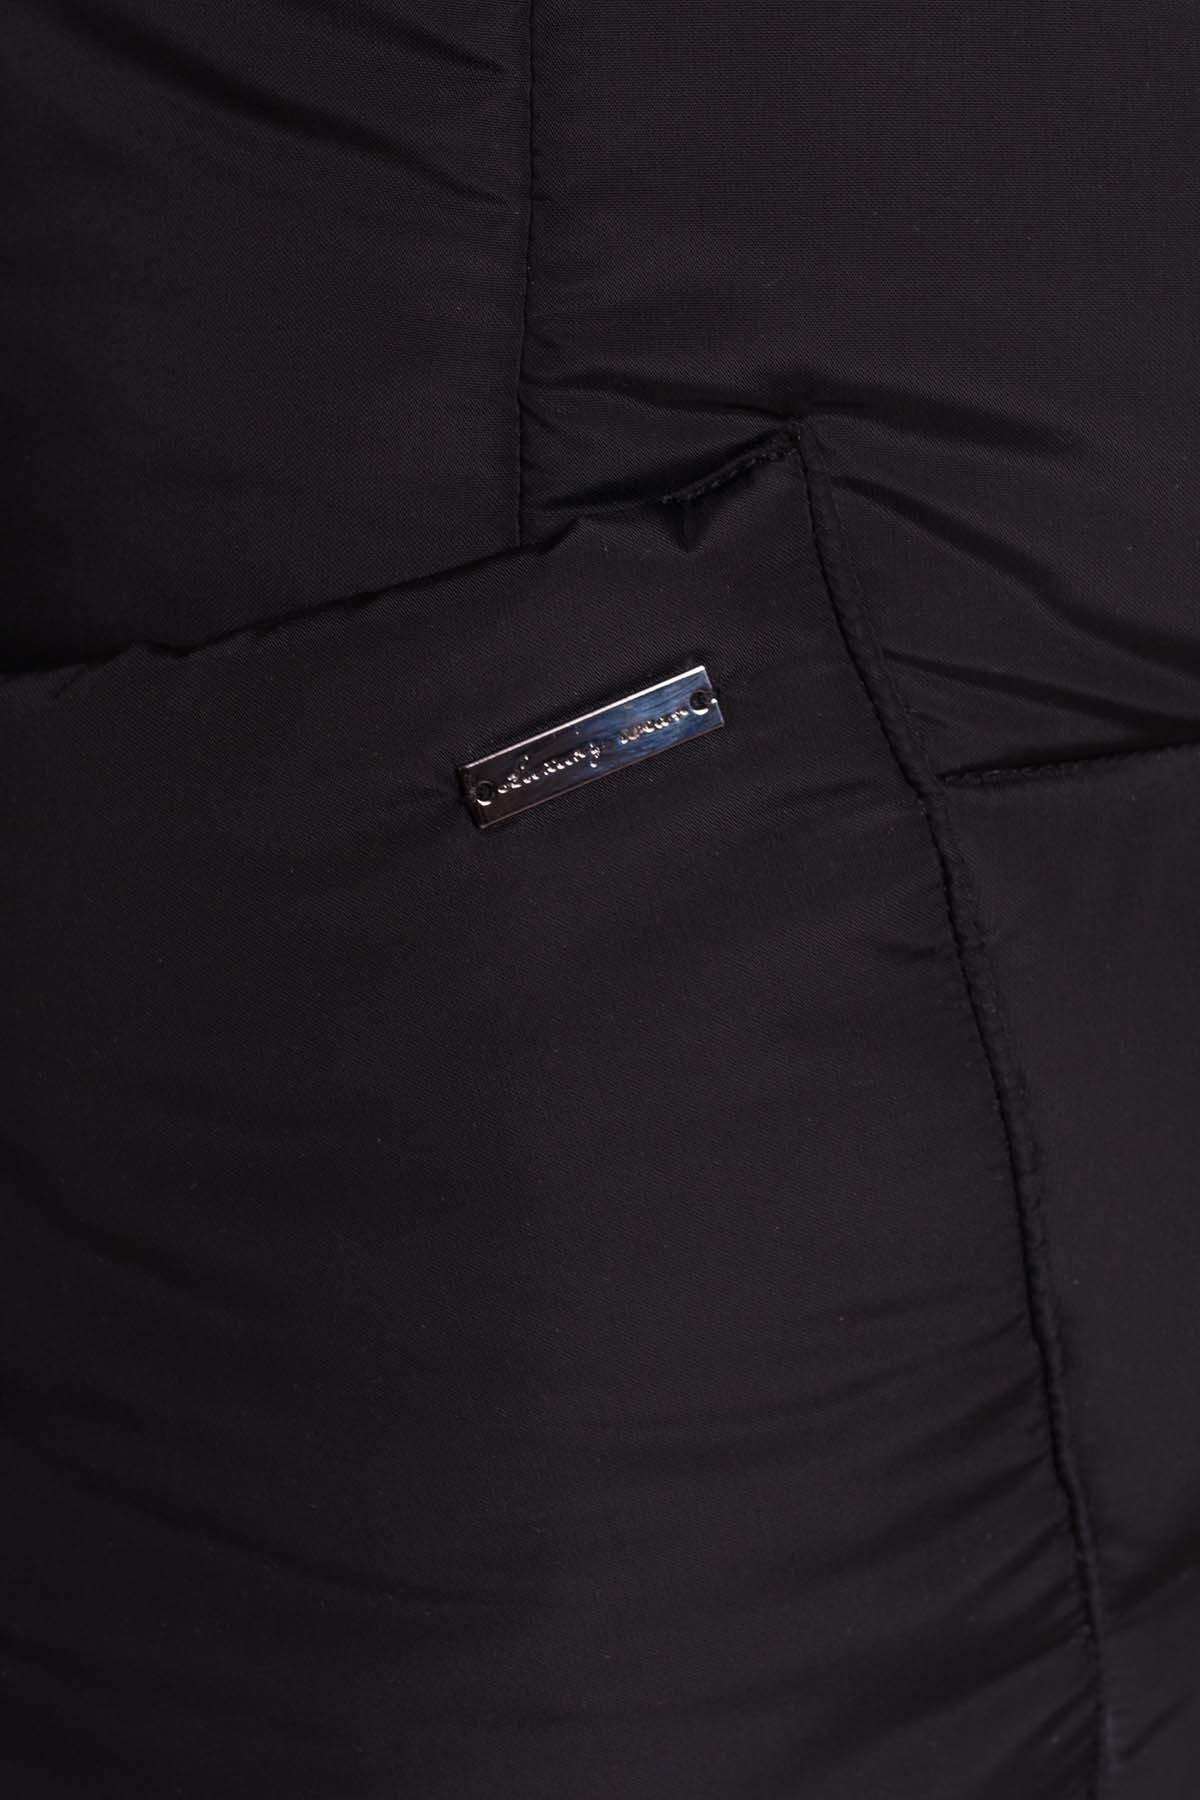 Пуховик-пальто с поясом Жако 5540 АРТ. 37335 Цвет: Черный - фото 6, интернет магазин tm-modus.ru